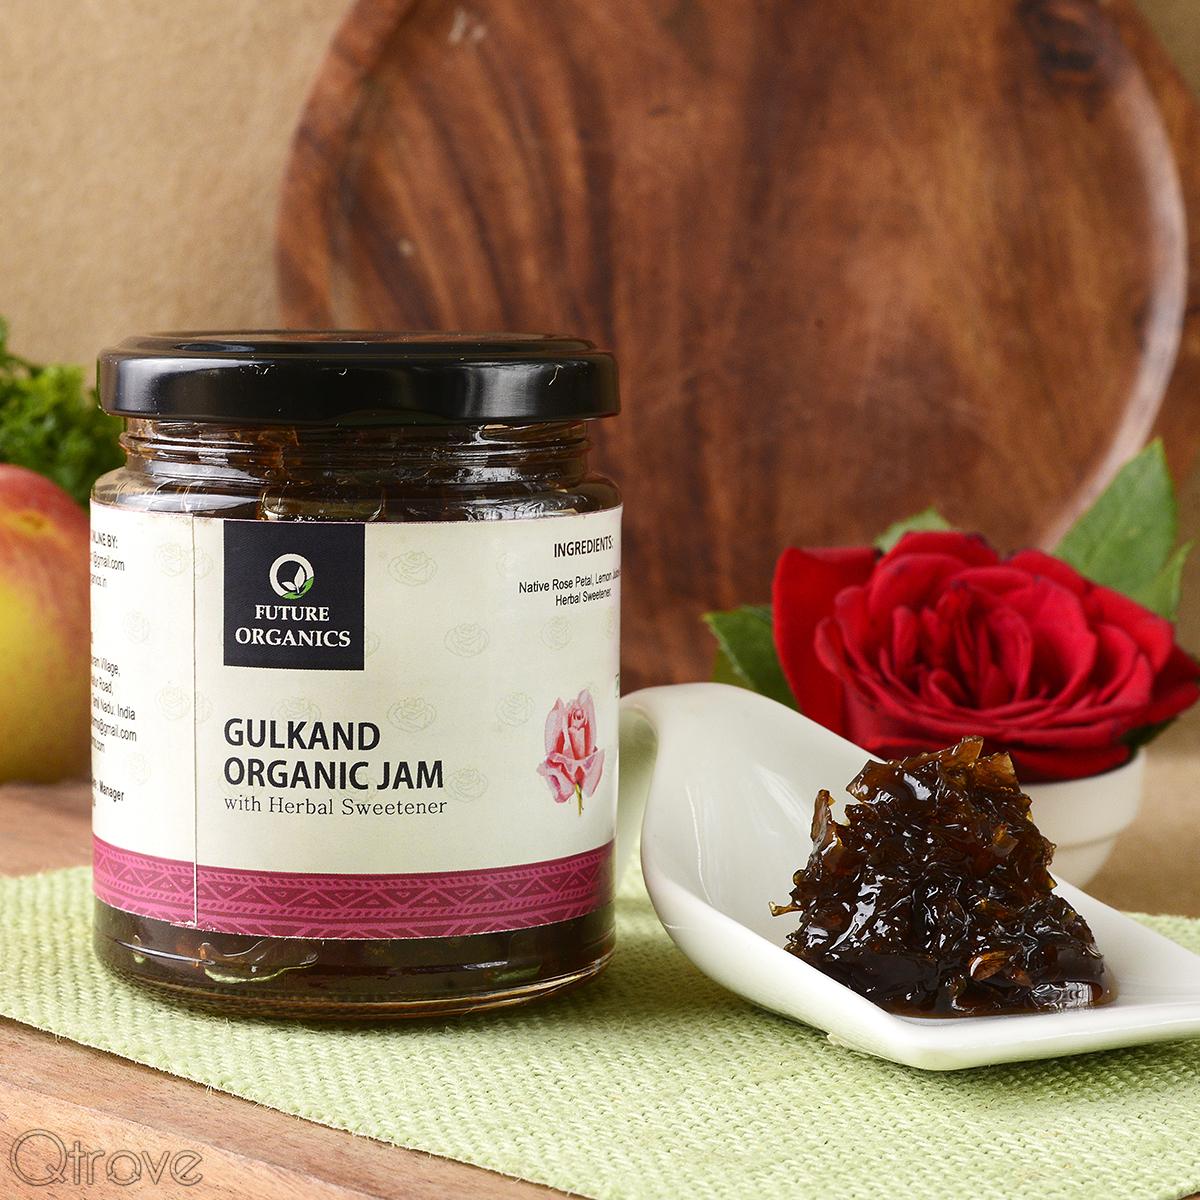 Gulkand Organic with Herbal Sweetener